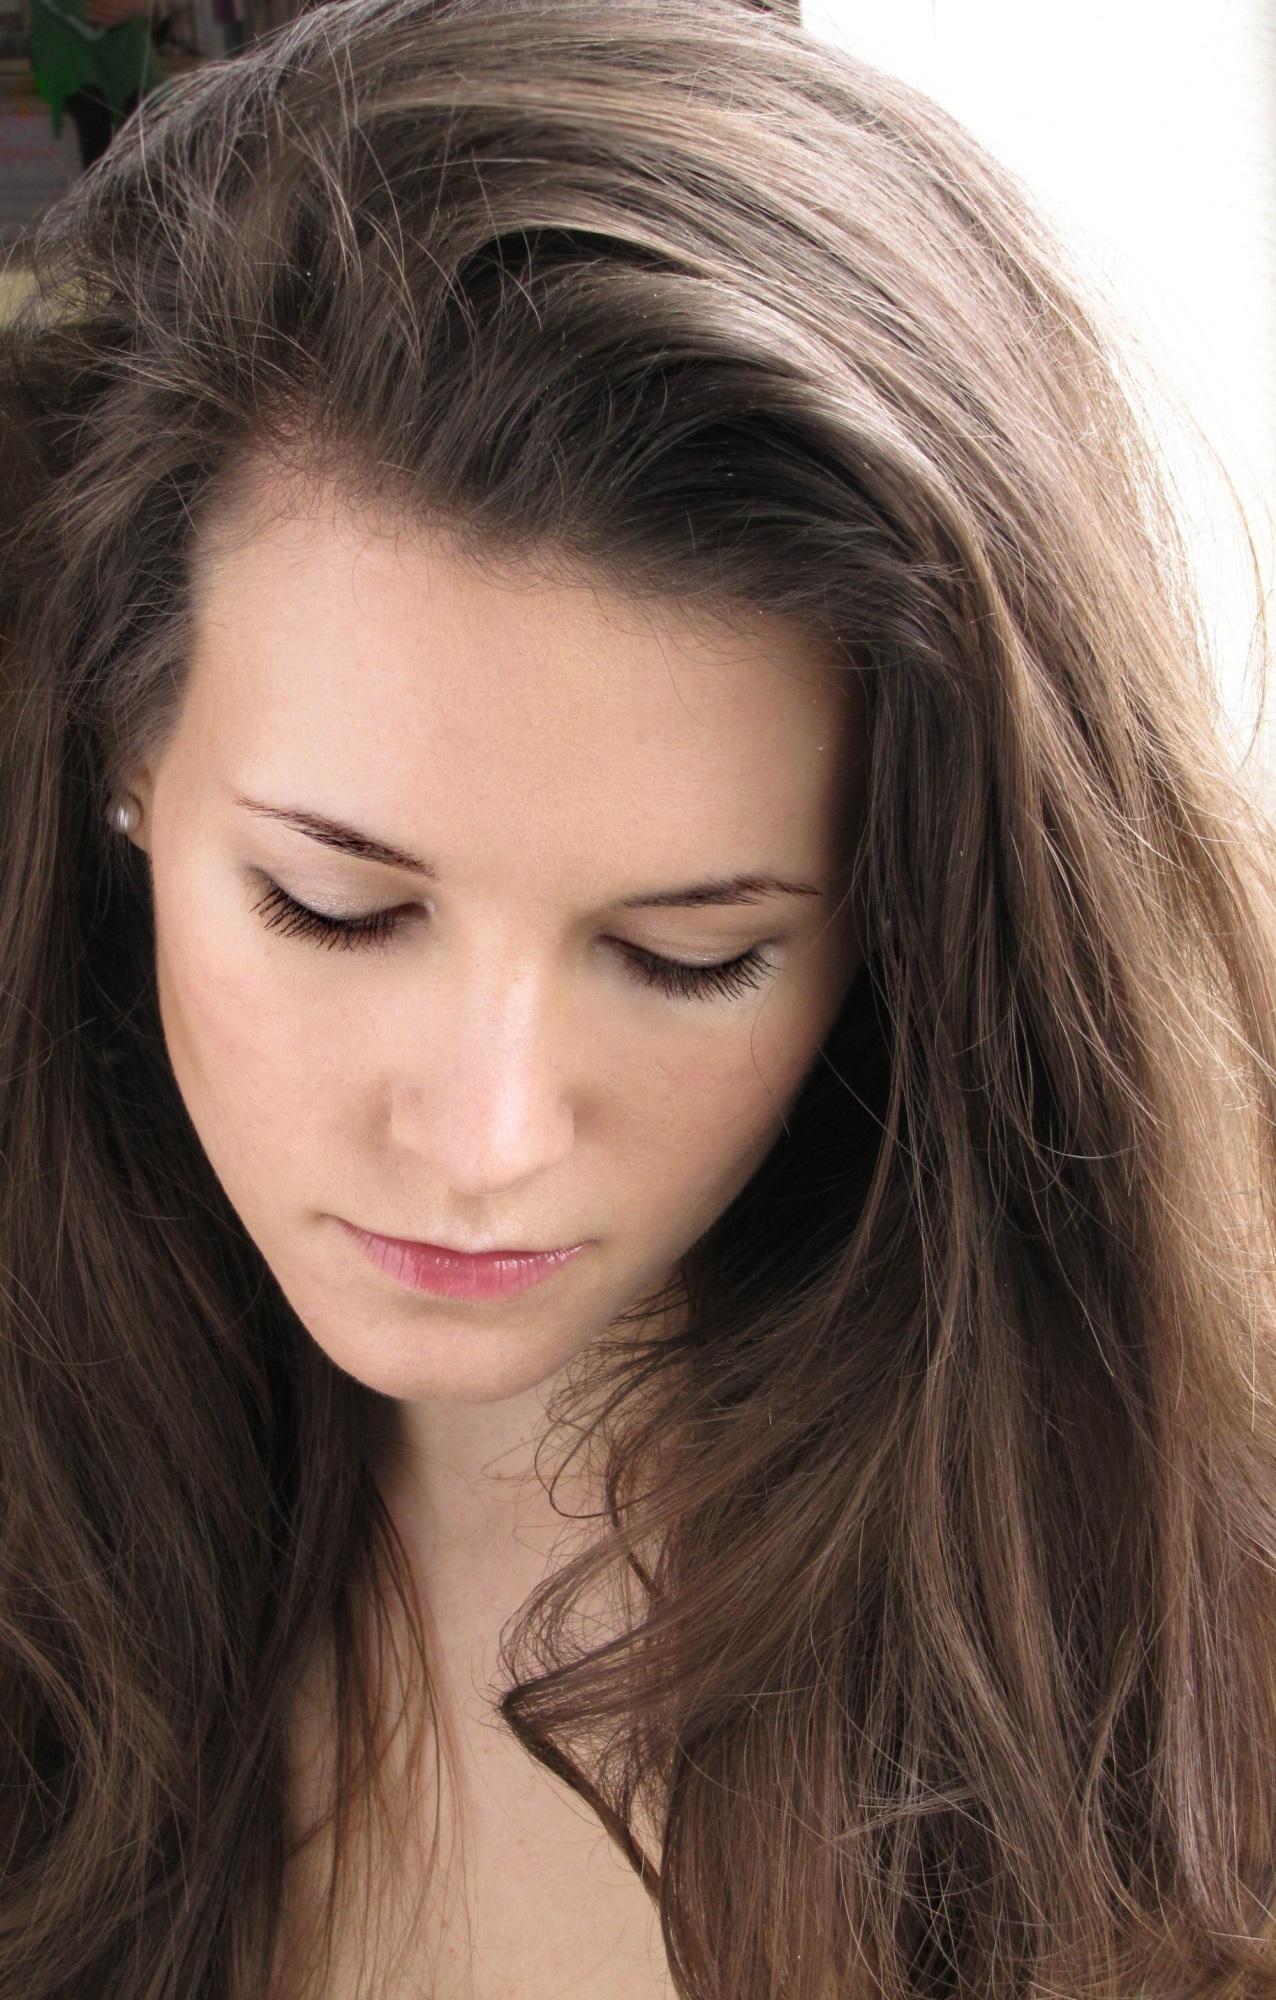 Cô gái người Mỹ kiên trì theo đuổi chế độ detox giúp đánh bay mụn chi chít trên khuôn mặt sau 1 năm - Ảnh 8